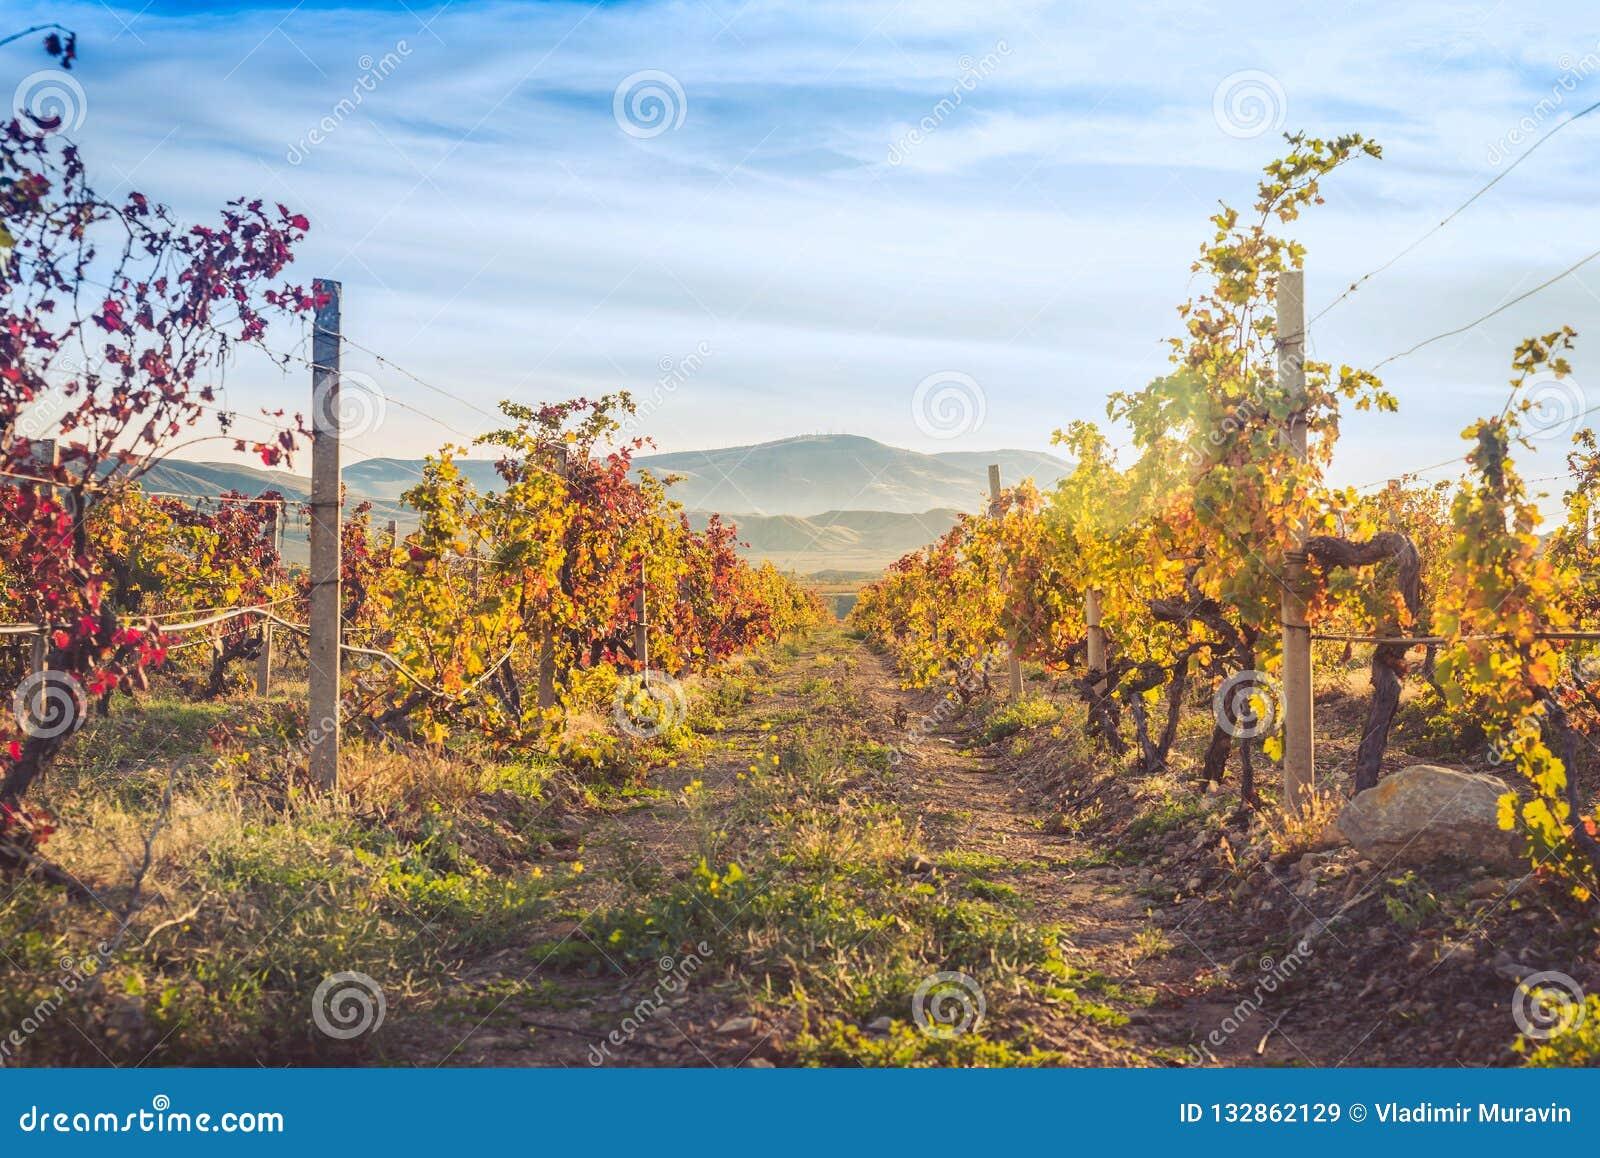 Wijngaard met geel-roodbladeren in de herfst bij zonsondergang